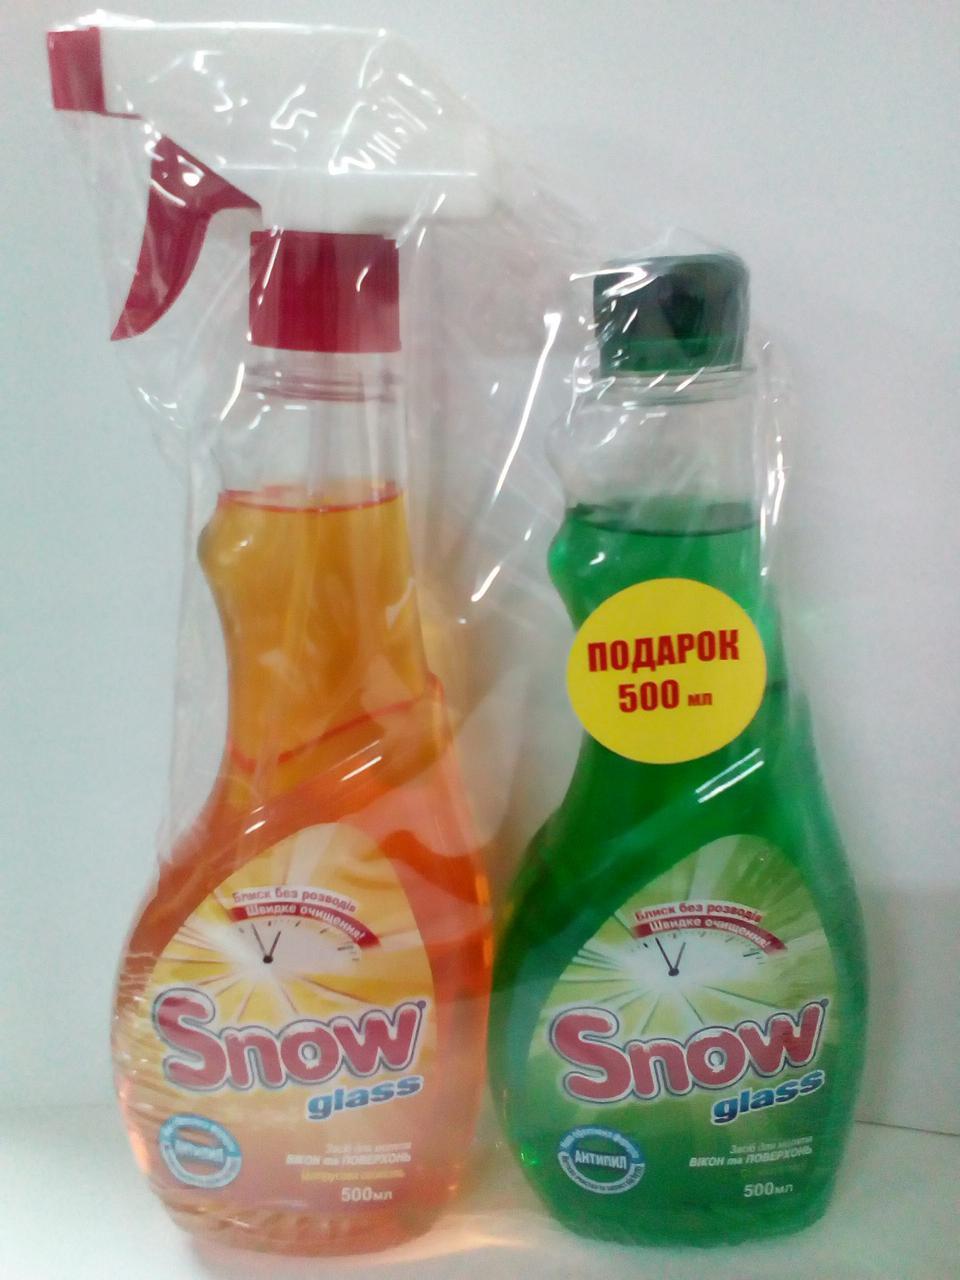 Засіб для миття вікон та поверхонь з Цитрусова Свіжість + змінний (Свіжість Хвої) 500 мл Prompack Snow Glass